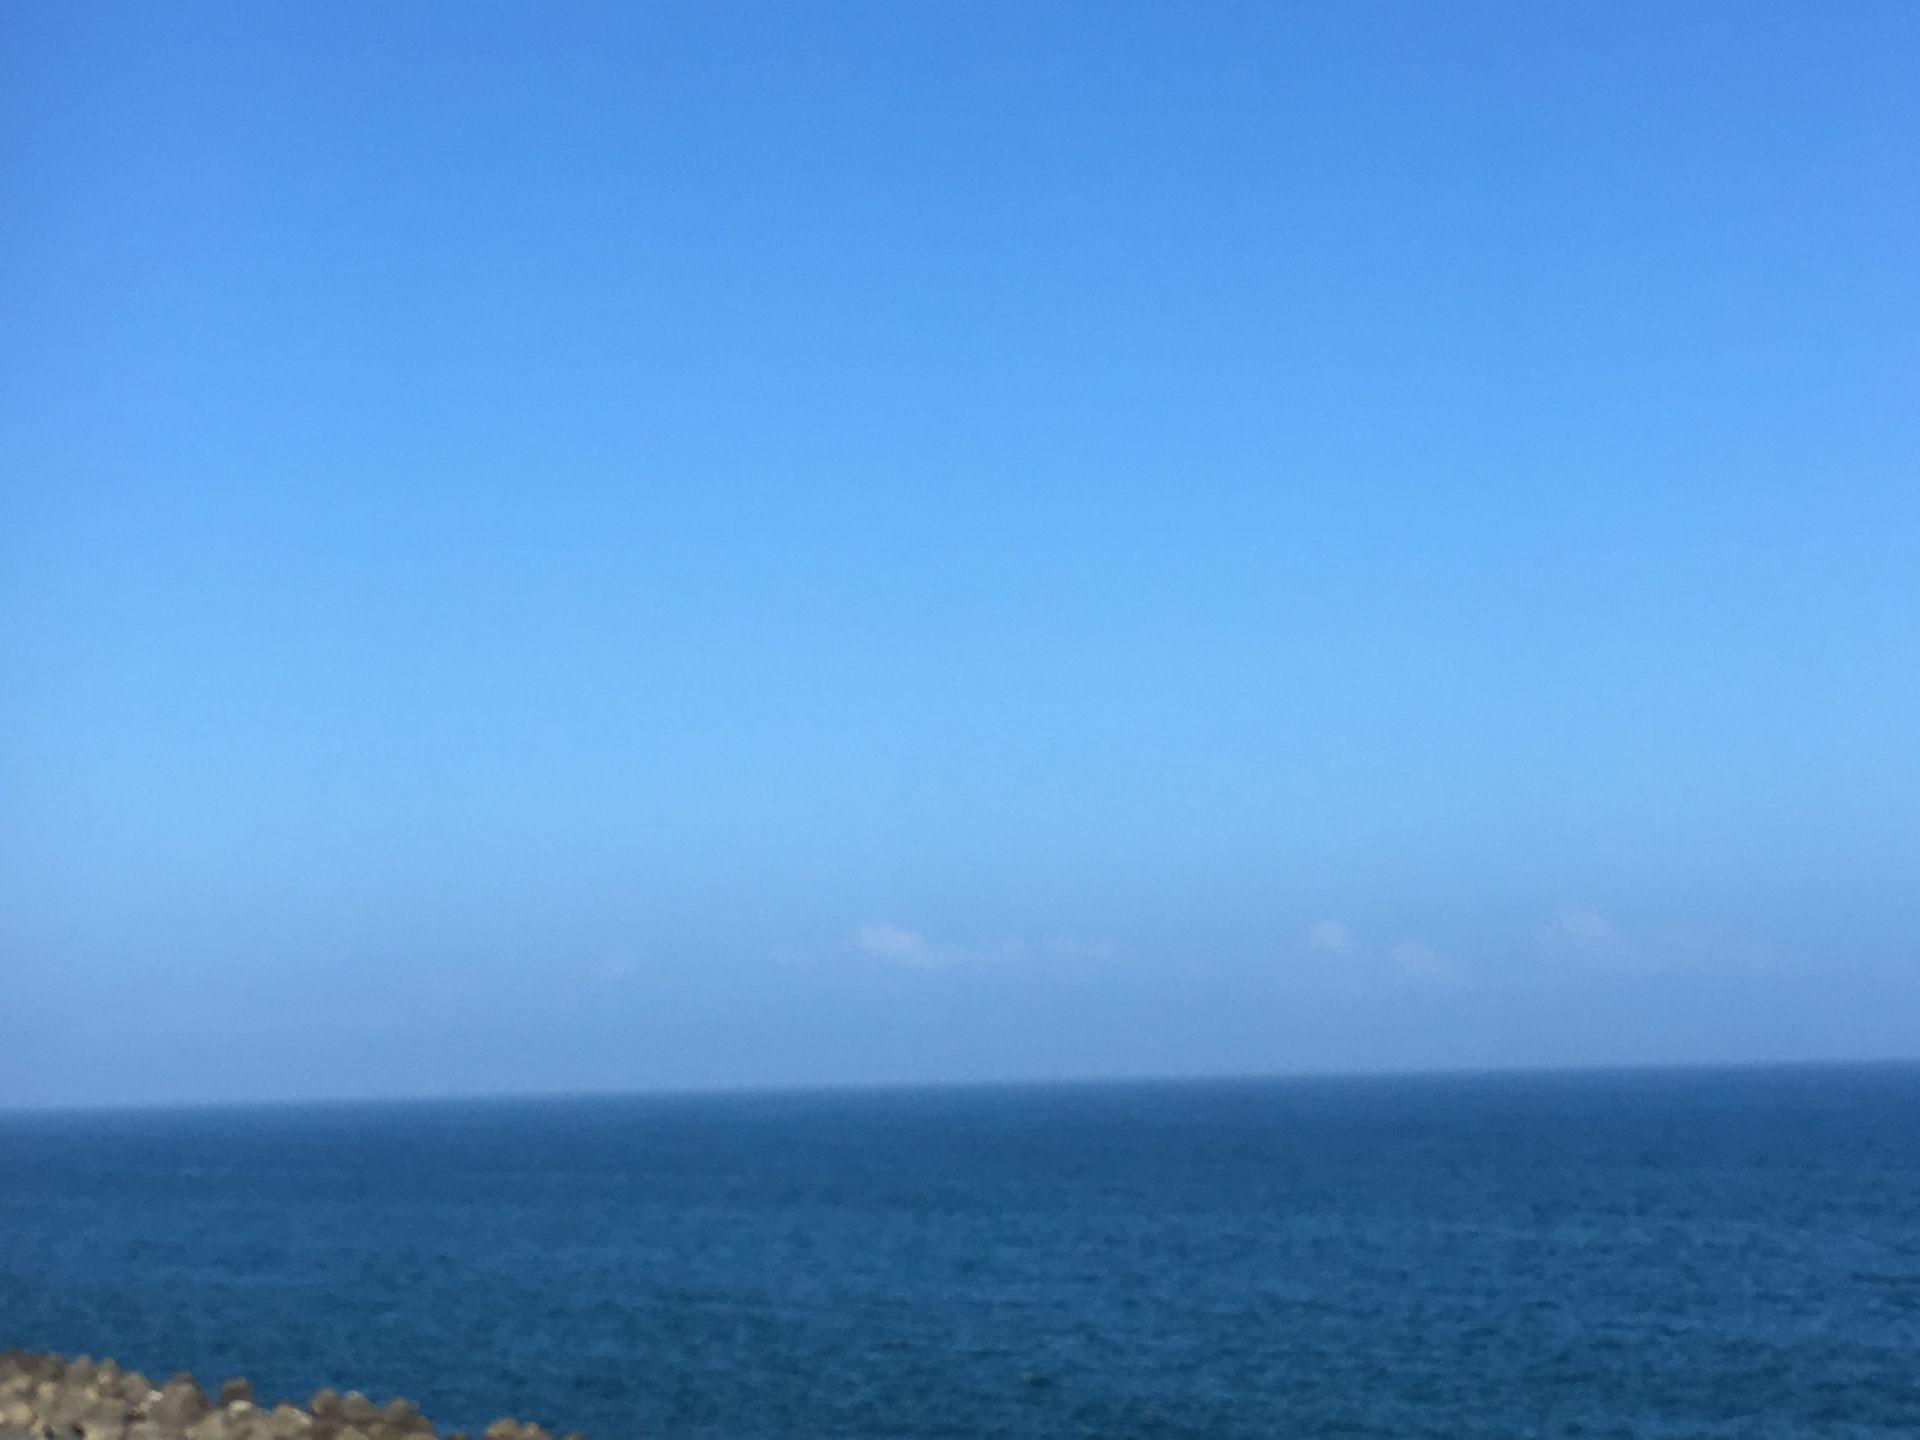 一望无际的太平洋